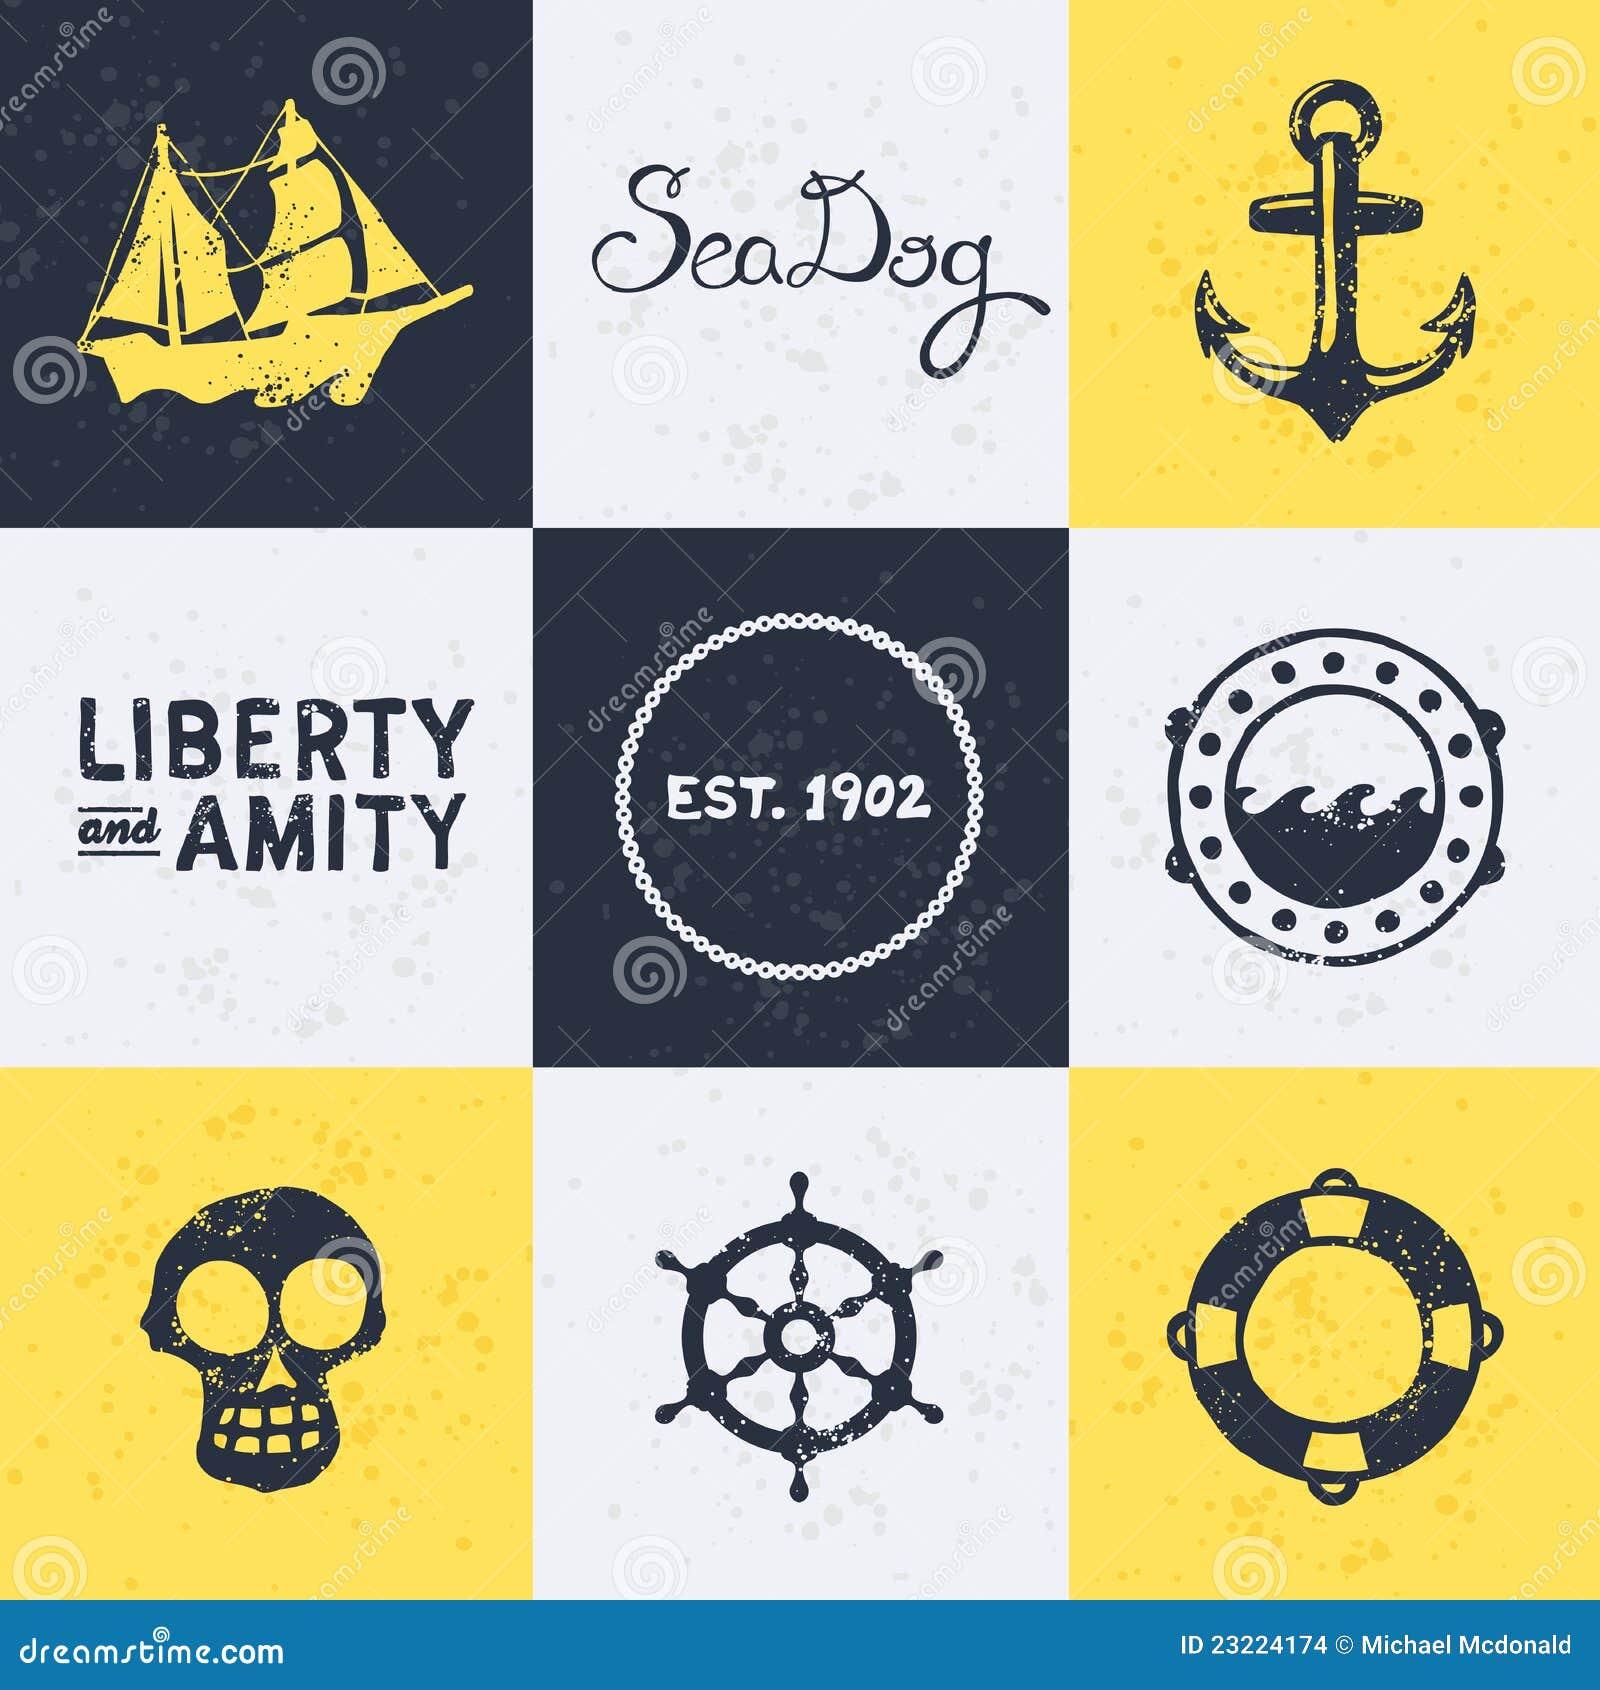 Vintage Nautical Symbols Stock Images Image 23224174